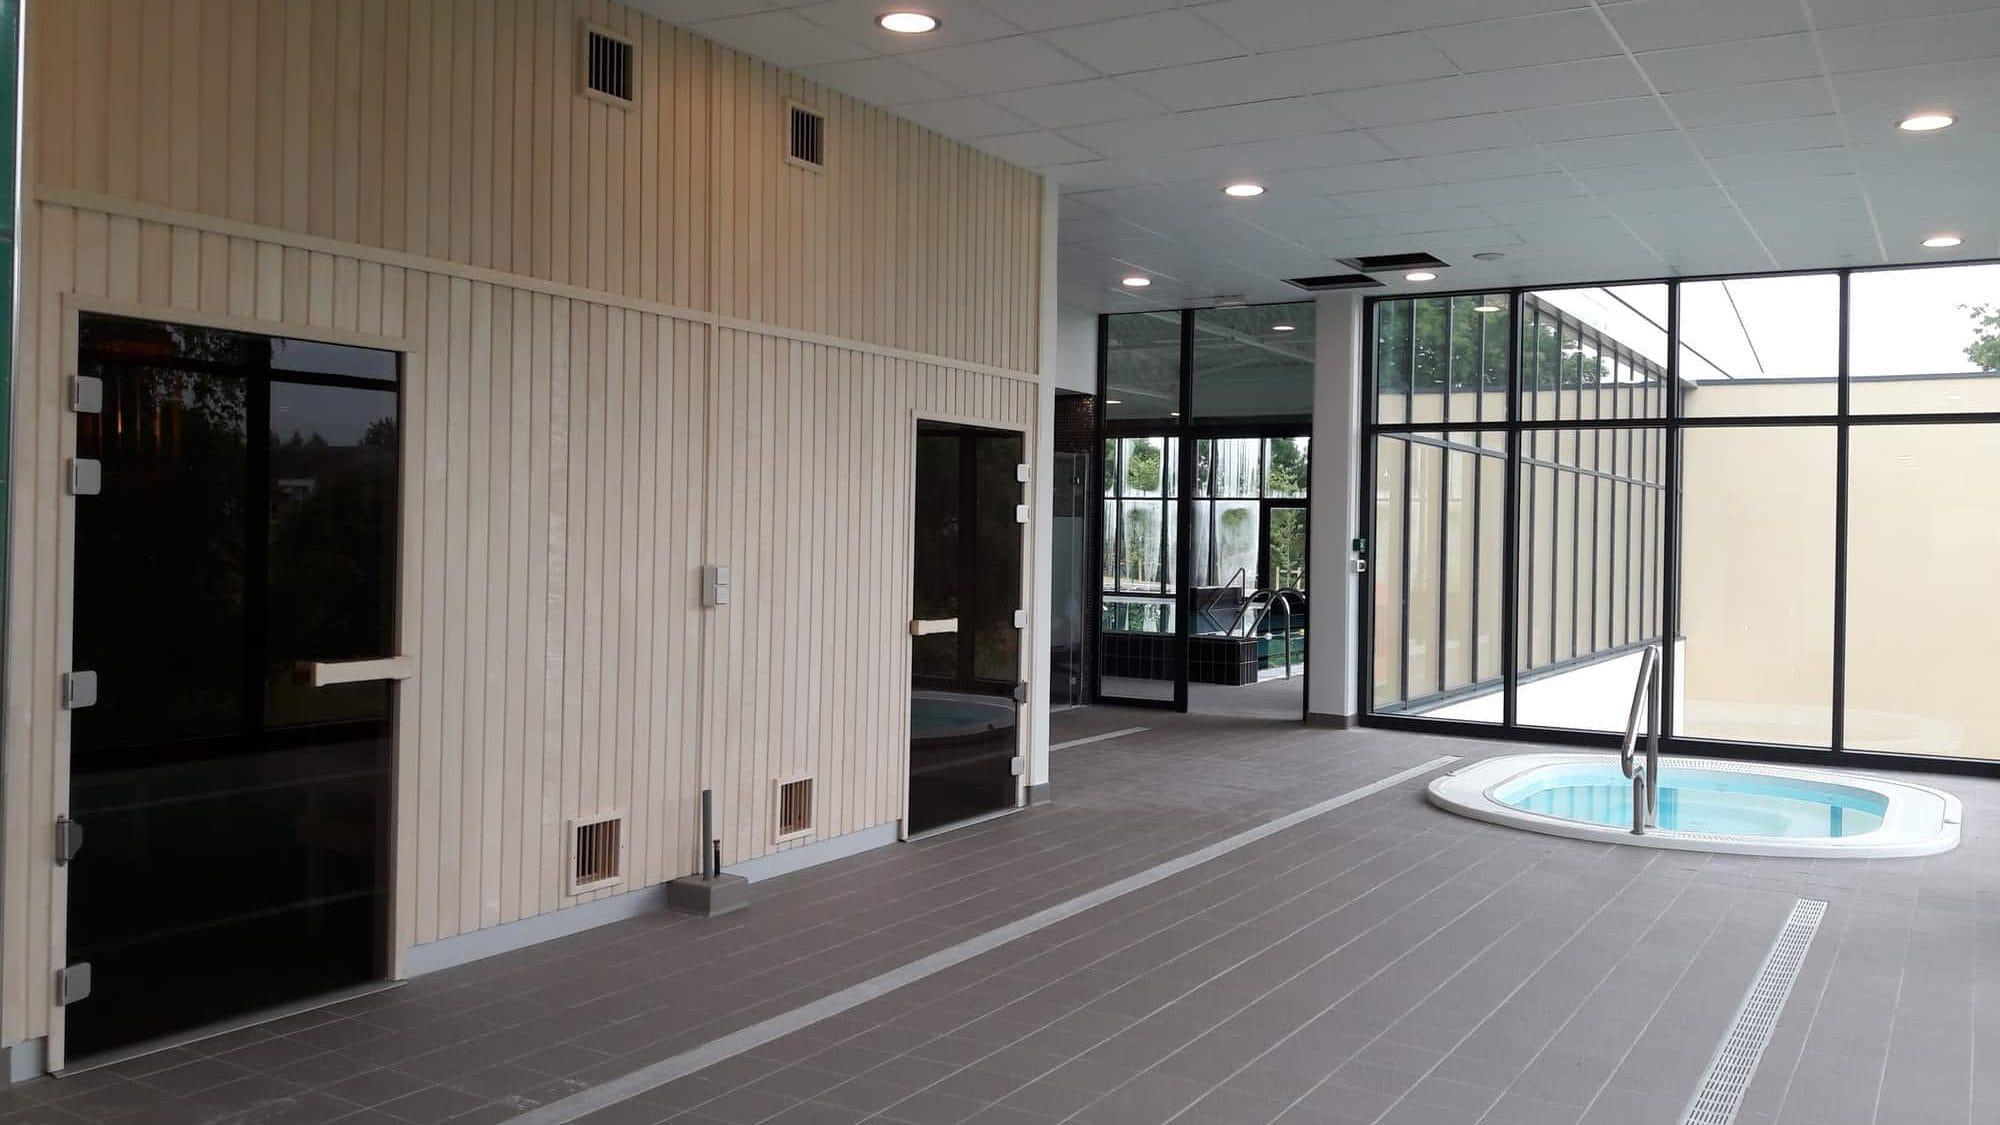 Installation De 2 Sauna Et 1 Hammam À Dampierre-En-Burly ... intérieur Piscine De Dampierre En Burly